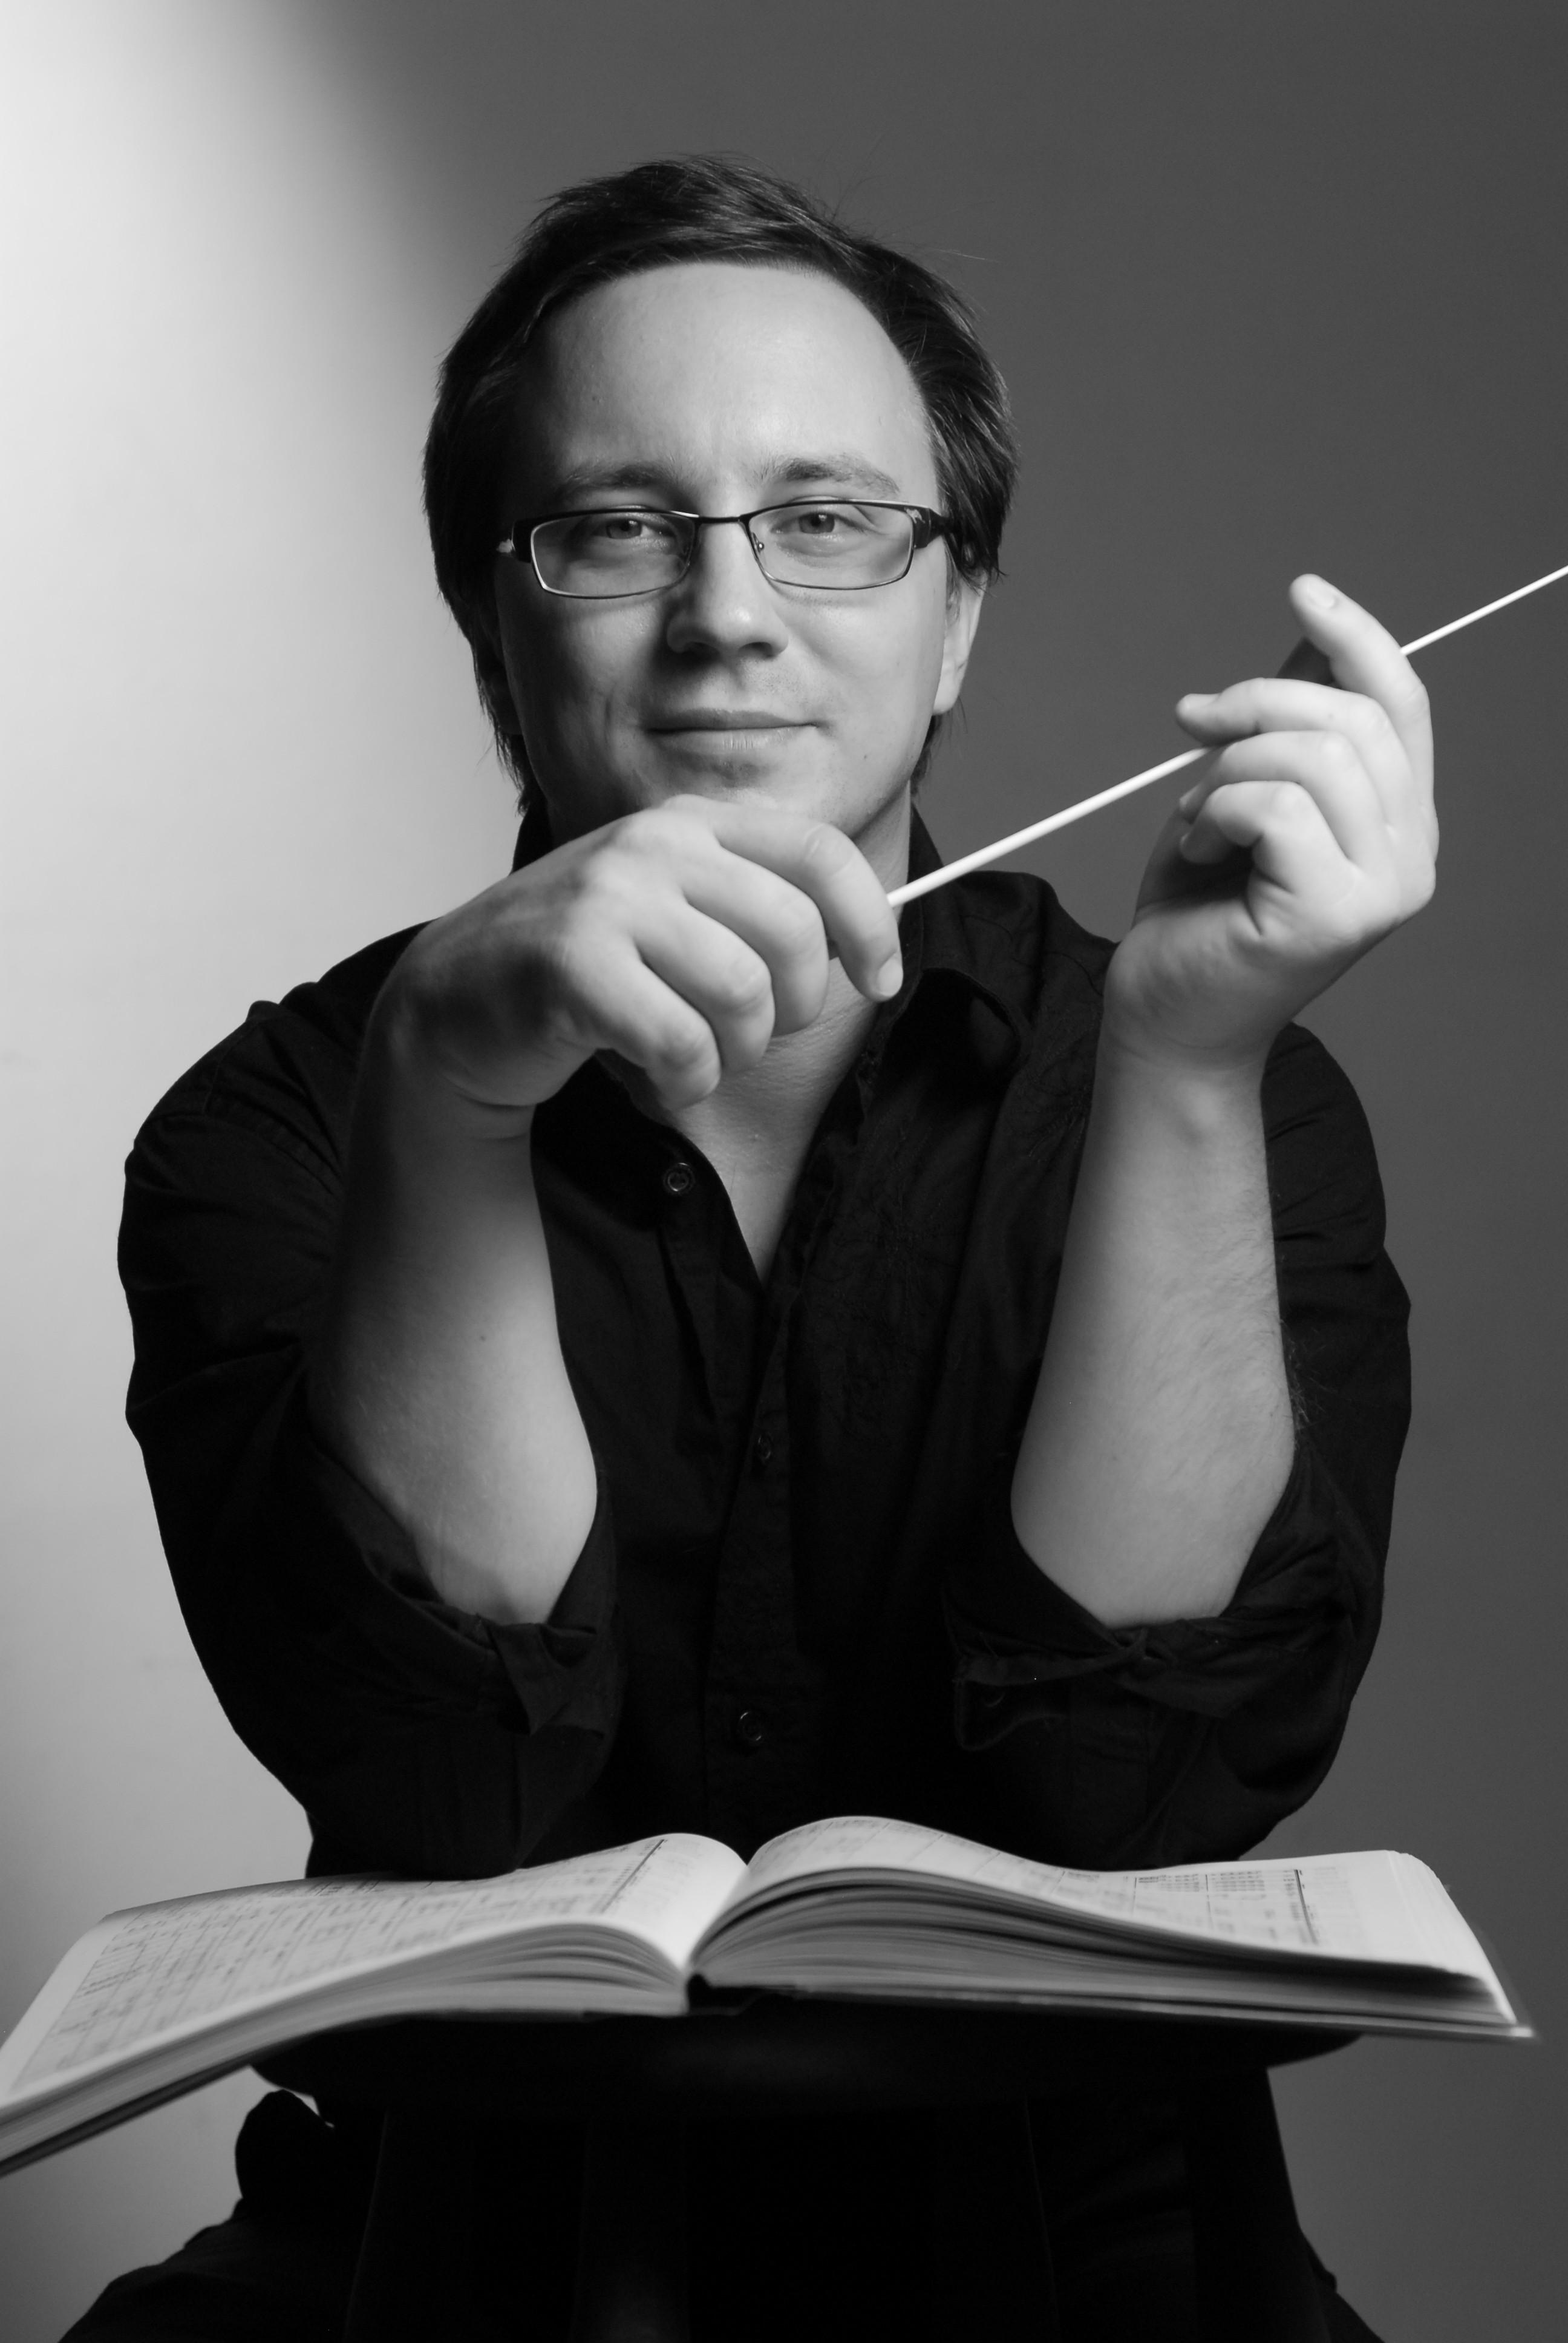 Michał Dworzyński (źródło: materiały prasowe organizatora)